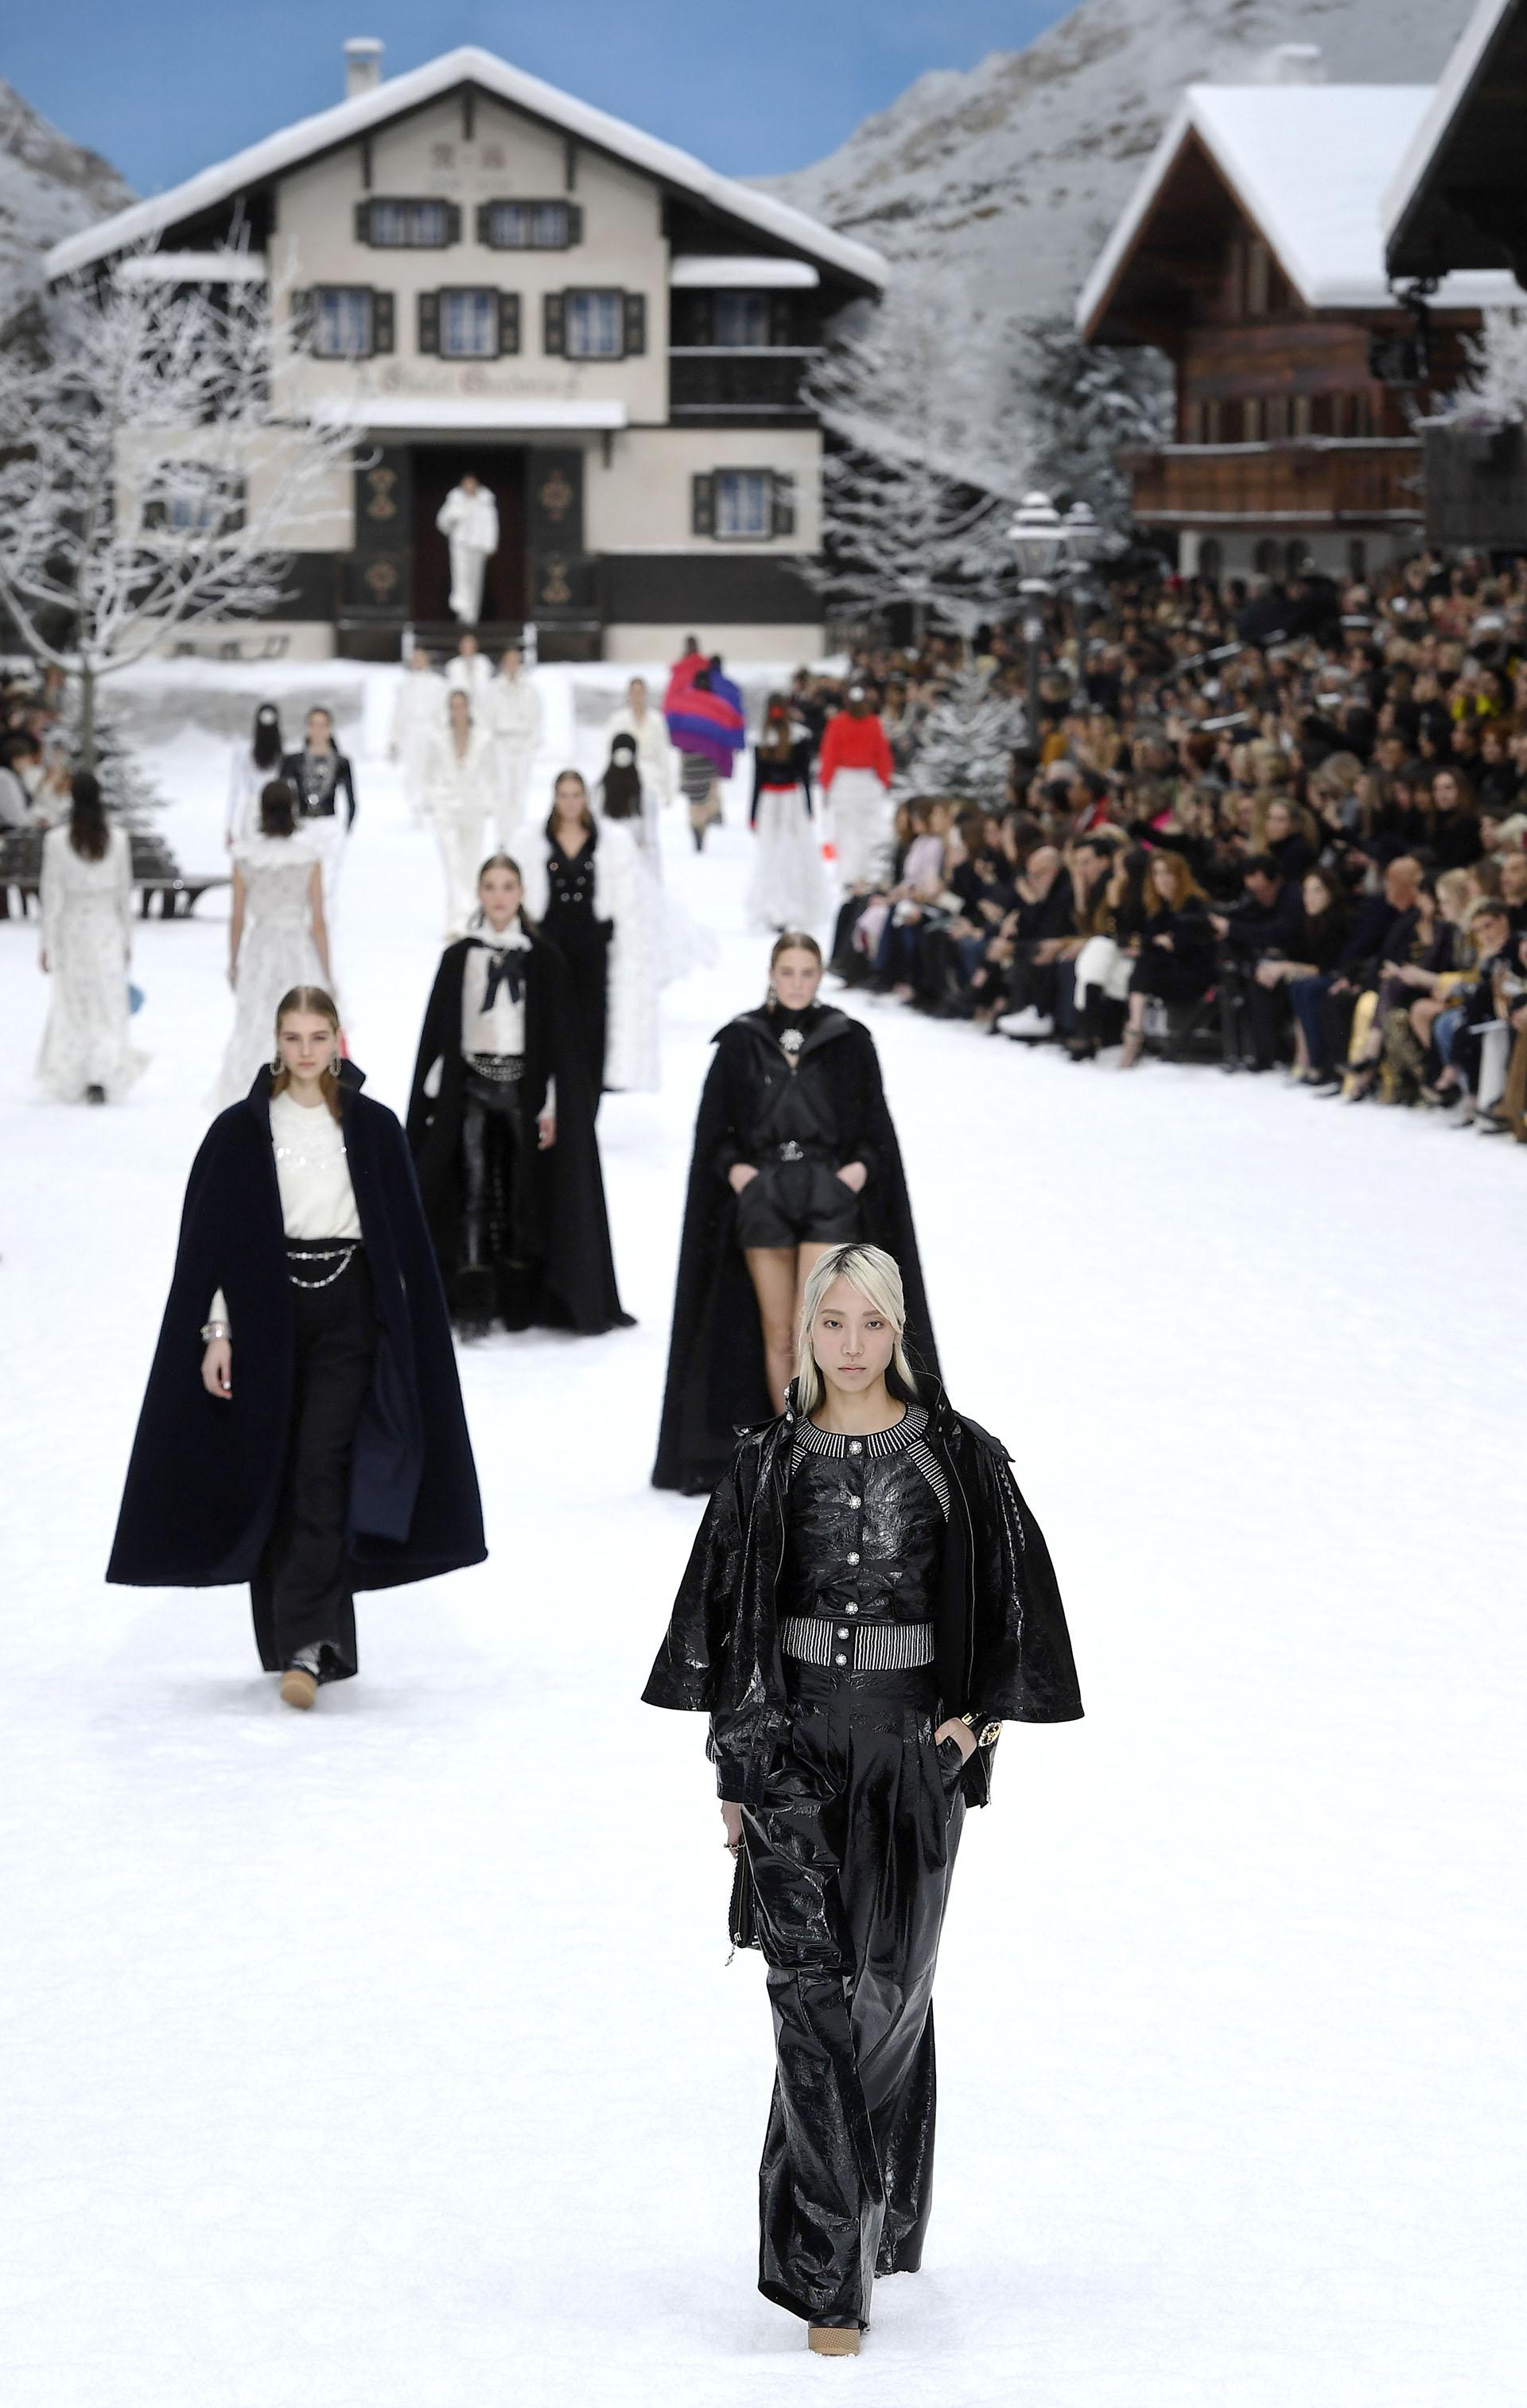 En cuero, pailletes, tweed, la tonalidad negra contrastaba con la nieve